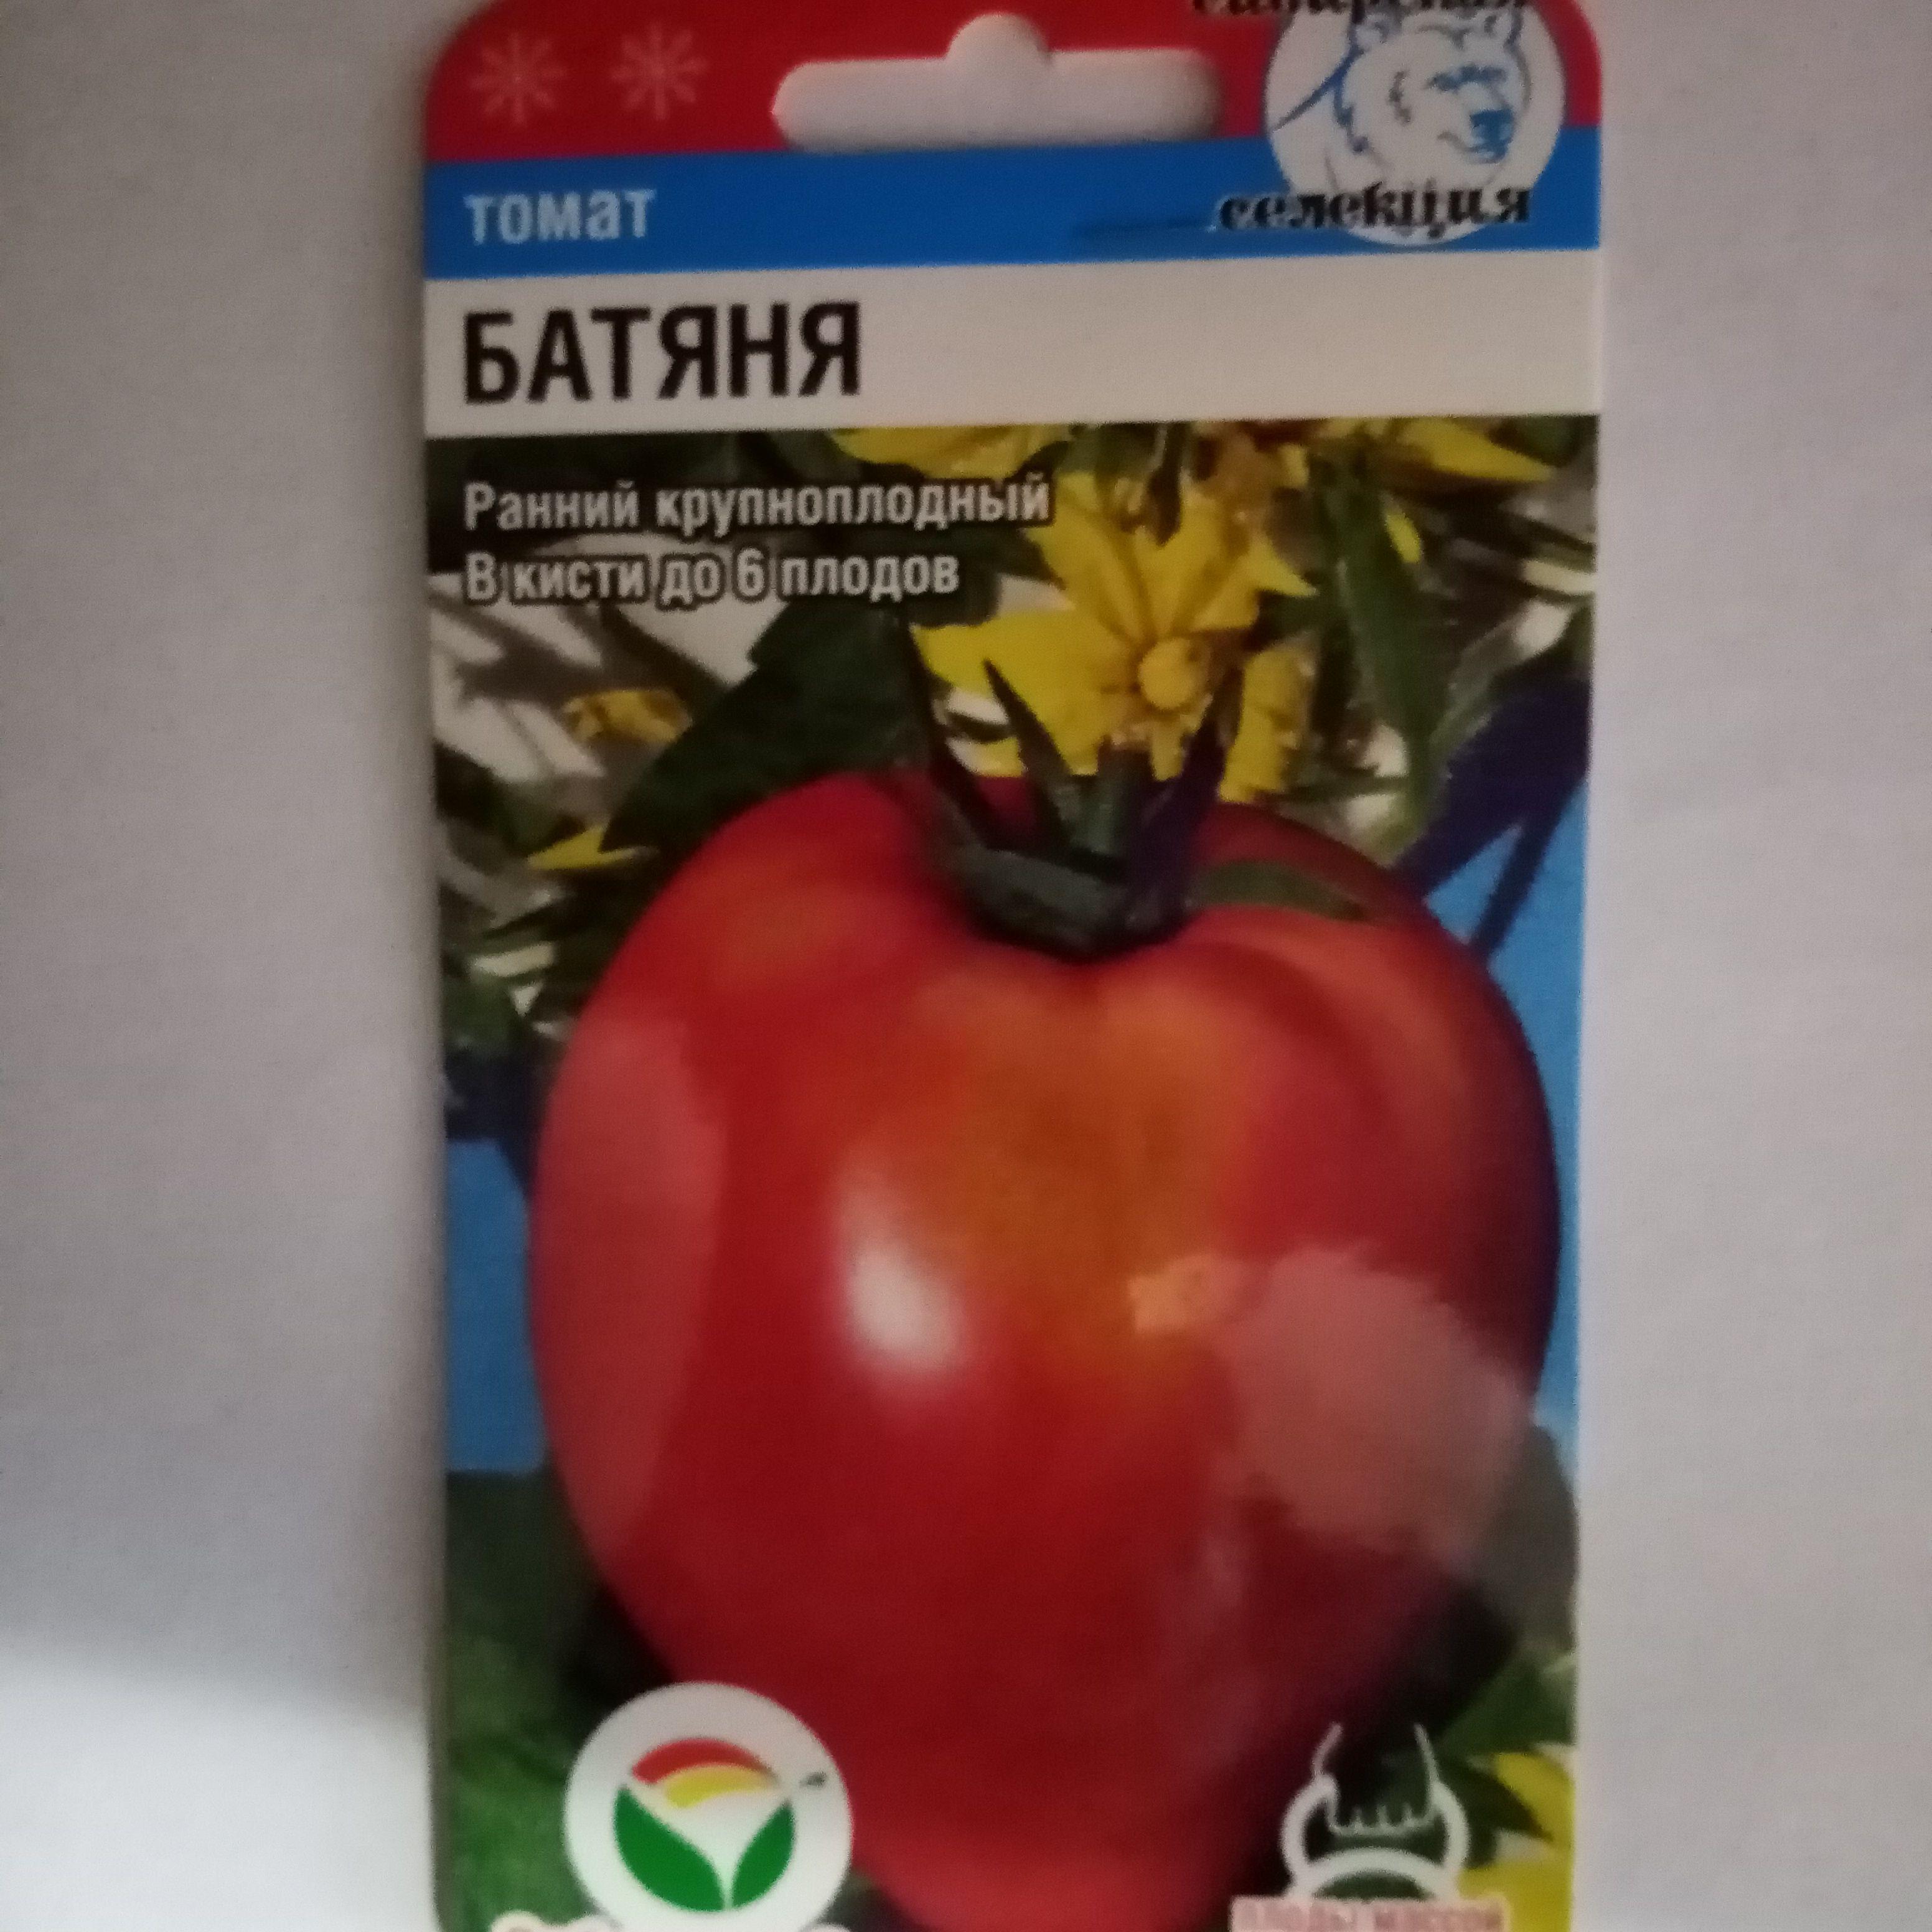 Томат батяня: описание и характеристика сорта, фото и отзывы, особенности выращивания помидоров